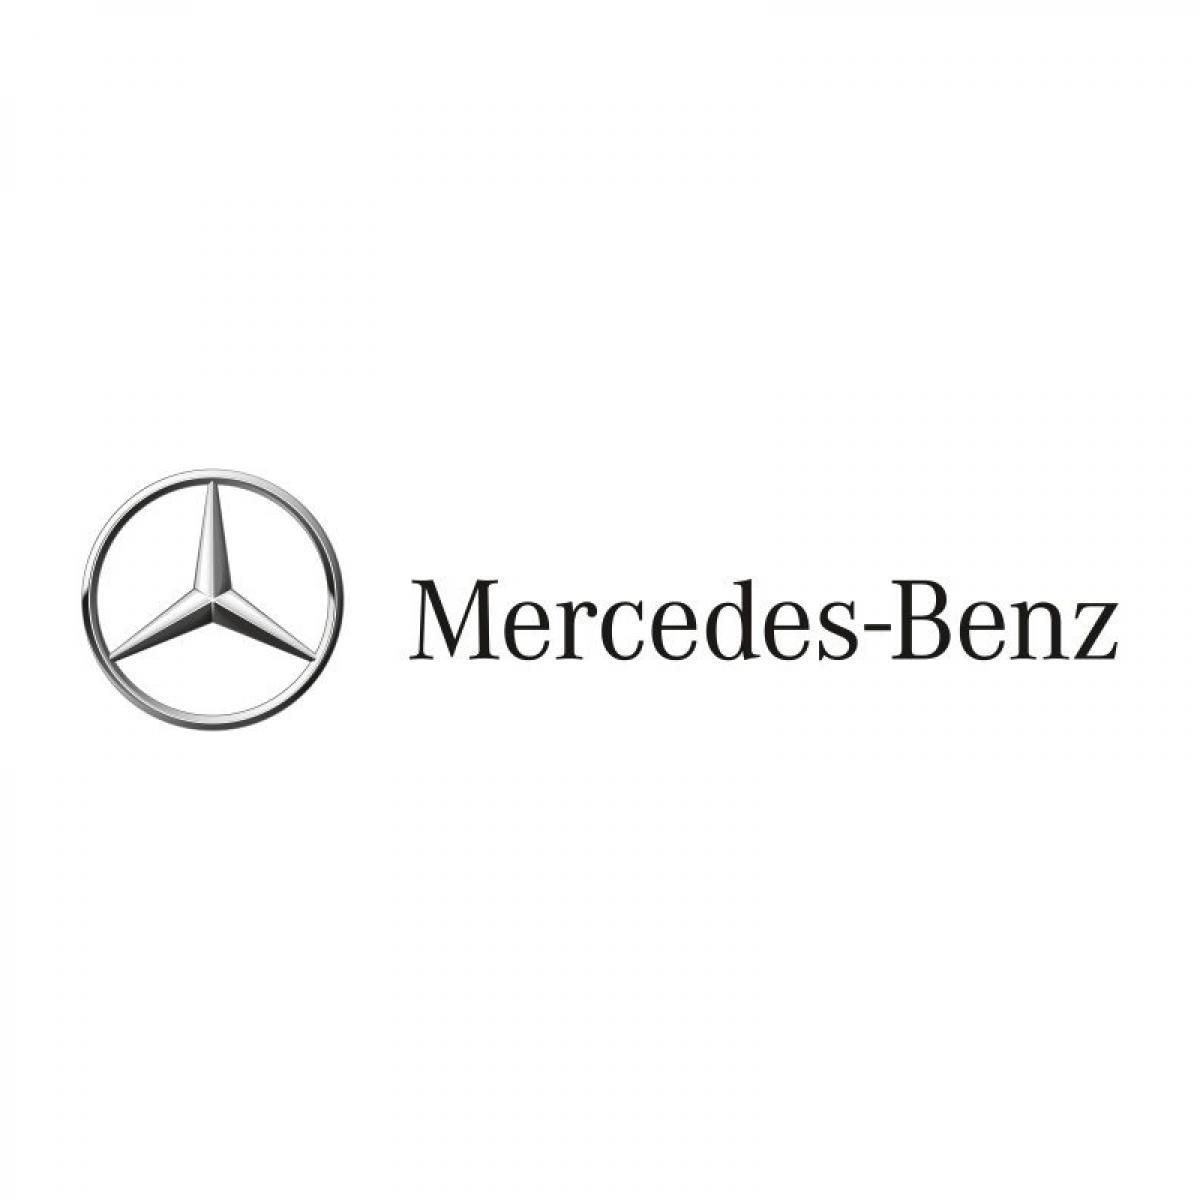 Colonia Nova - Mercedes-Benz Vans